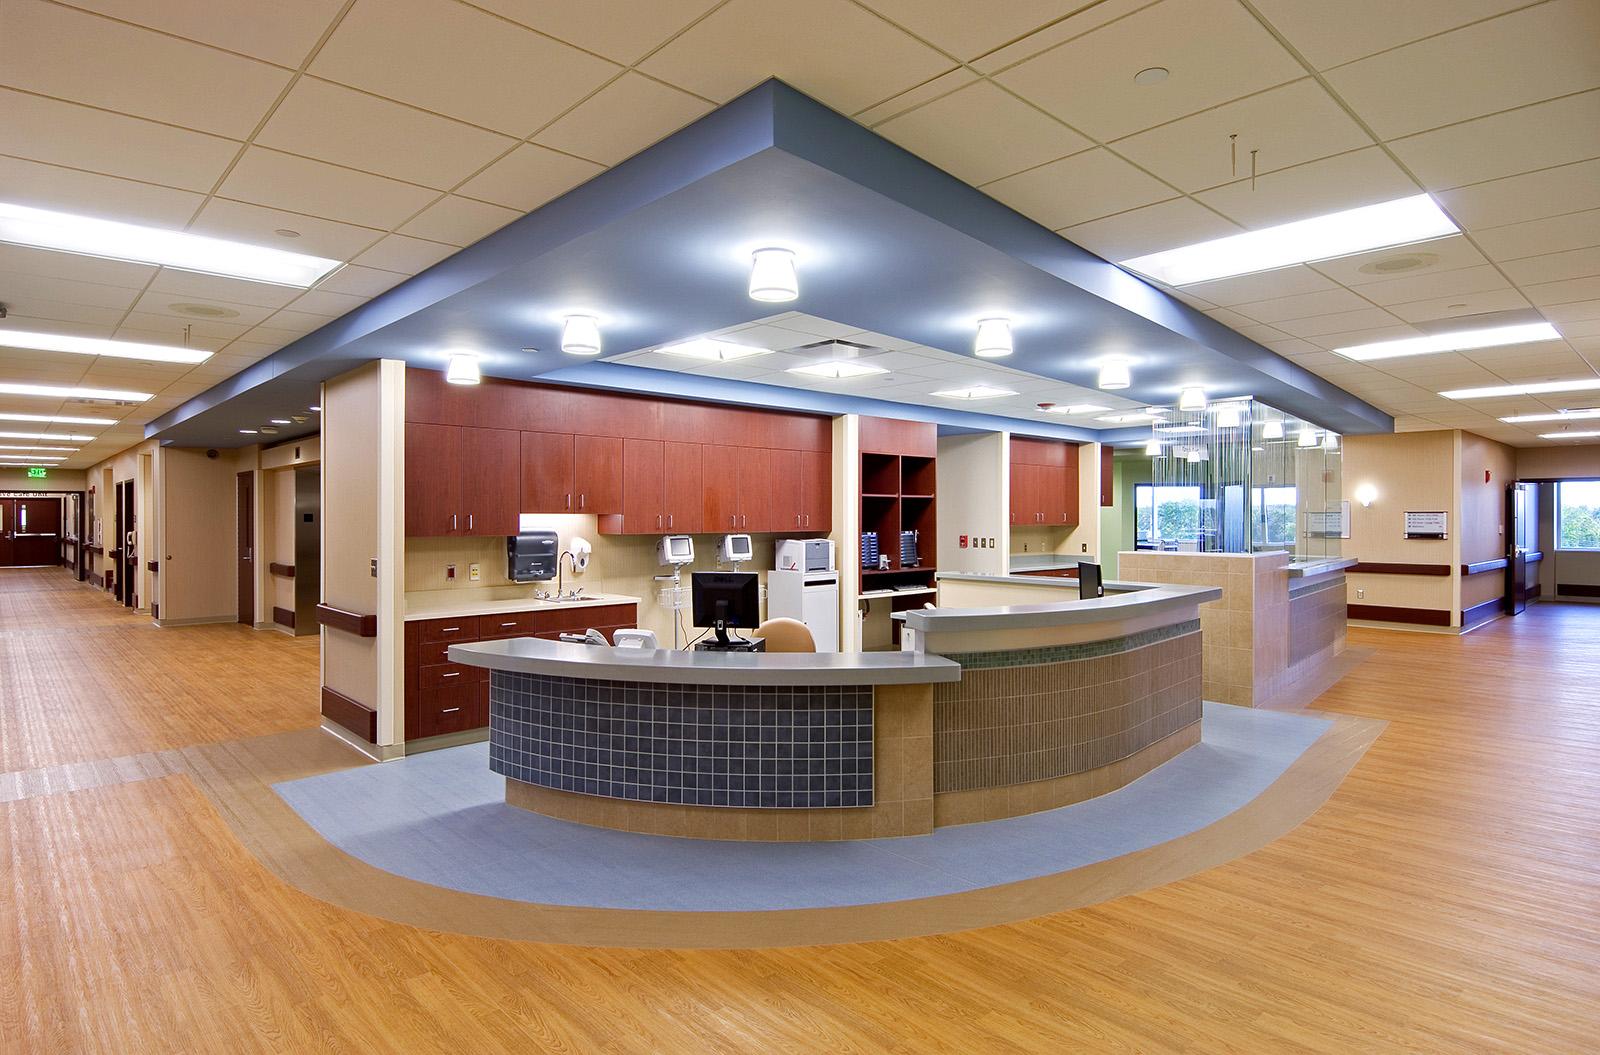 oakwood-southshore-hospital-interior